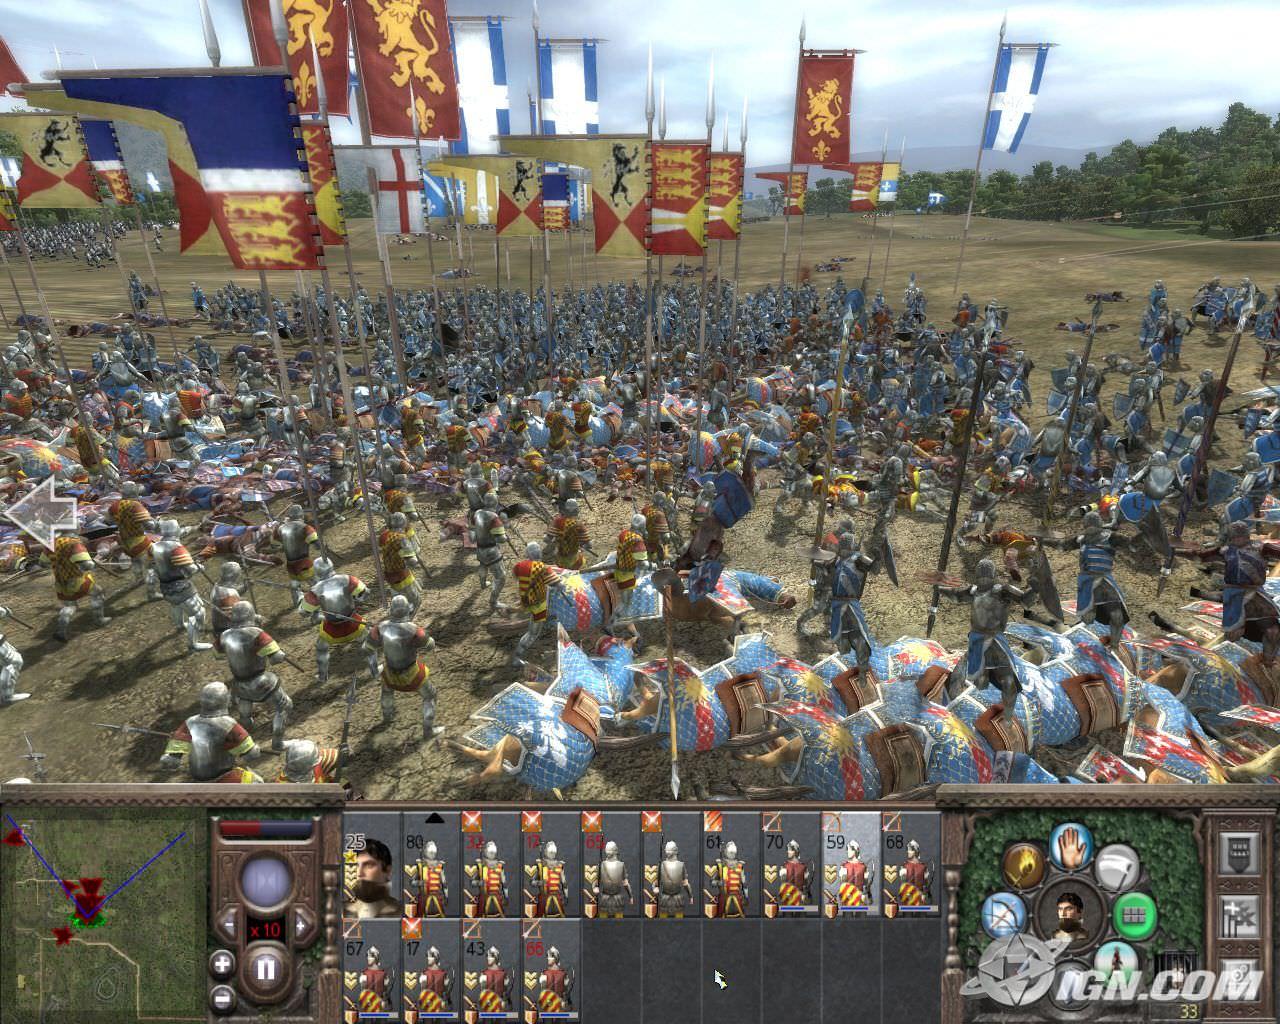 Guerra medieval online games